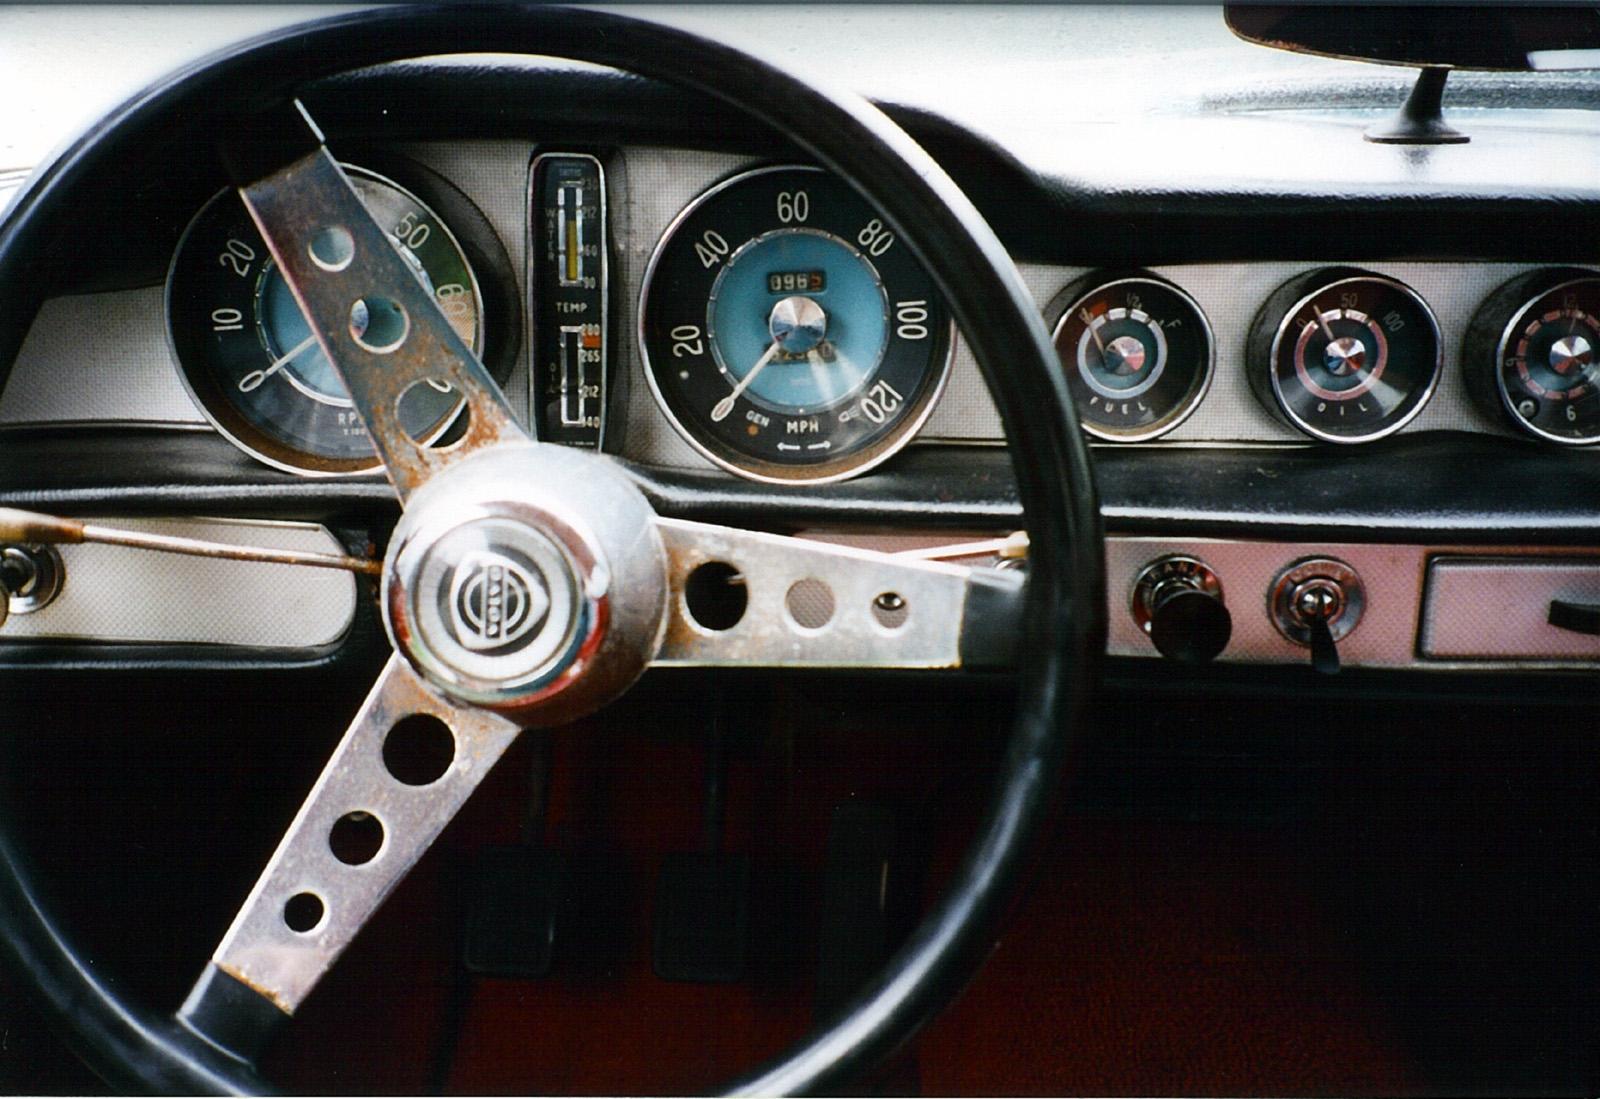 1965 volvo p1800 s 6000 smiths station al groosh 39 s garage. Black Bedroom Furniture Sets. Home Design Ideas